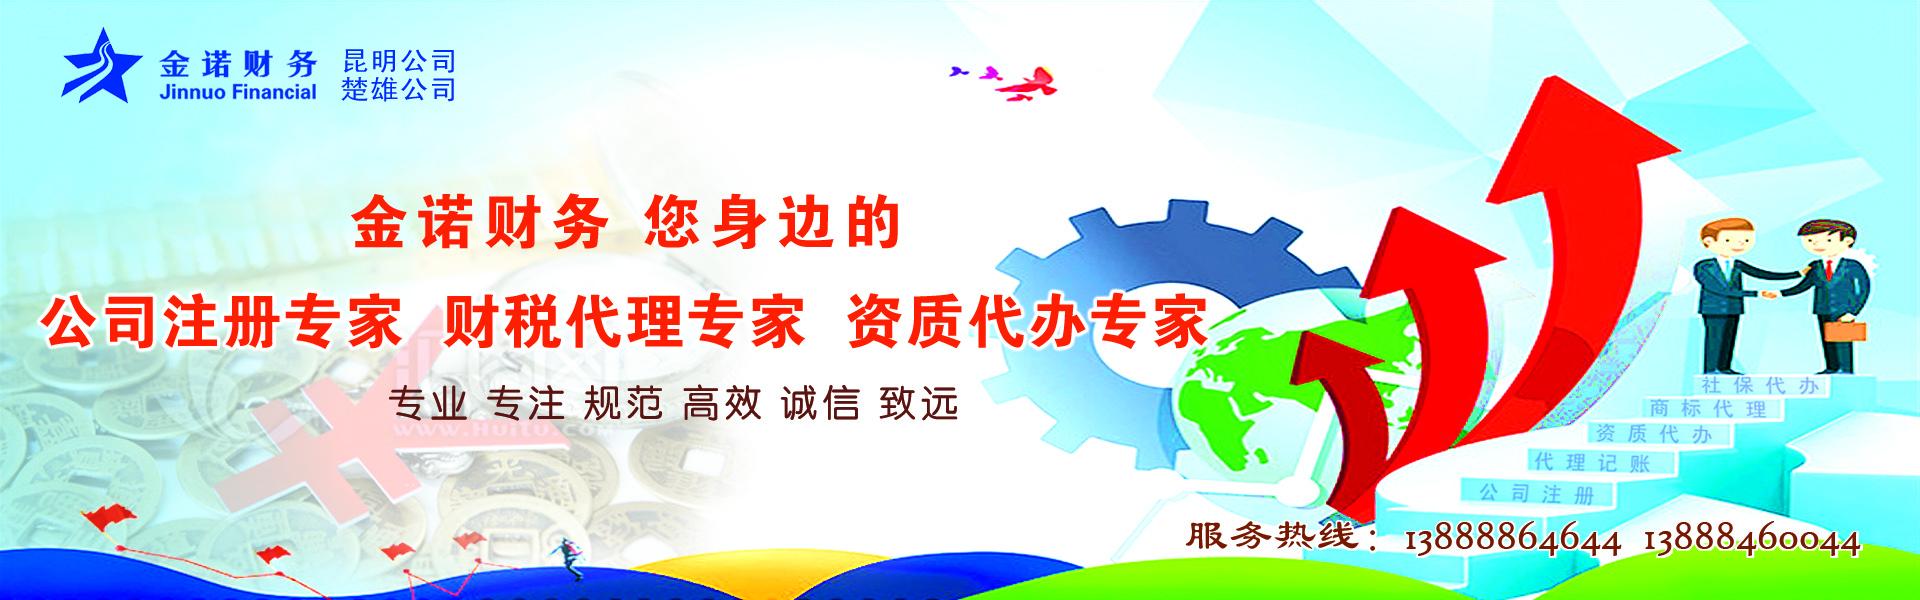 在云南申报环保税应该有哪些步骤